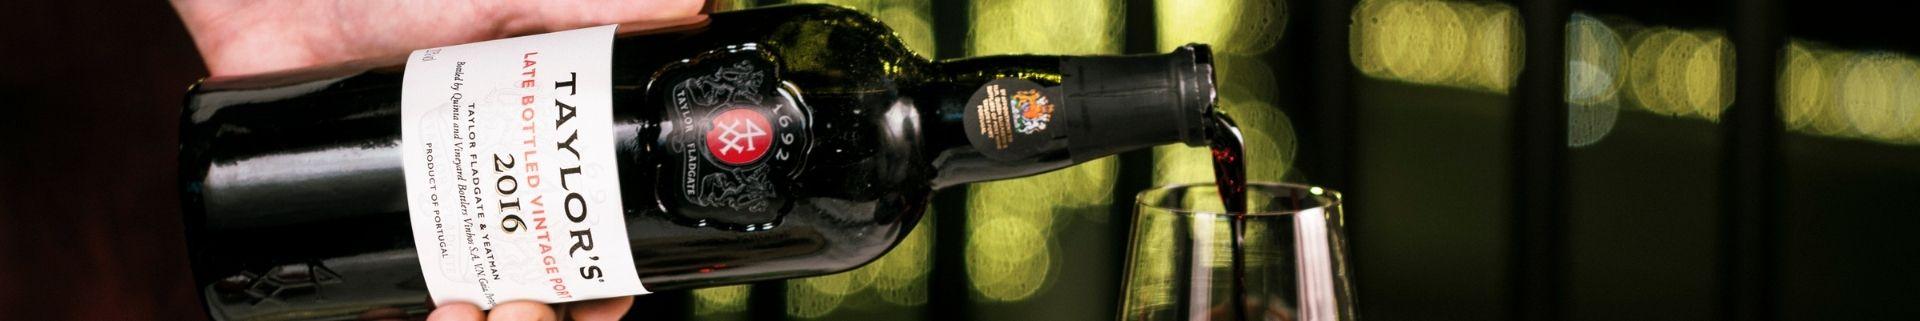 El Late Bottled Vintage, o LBV, es el estilo de vino de Oporto de calidad más popular tanto en Inglaterra como en Canadá - representa...